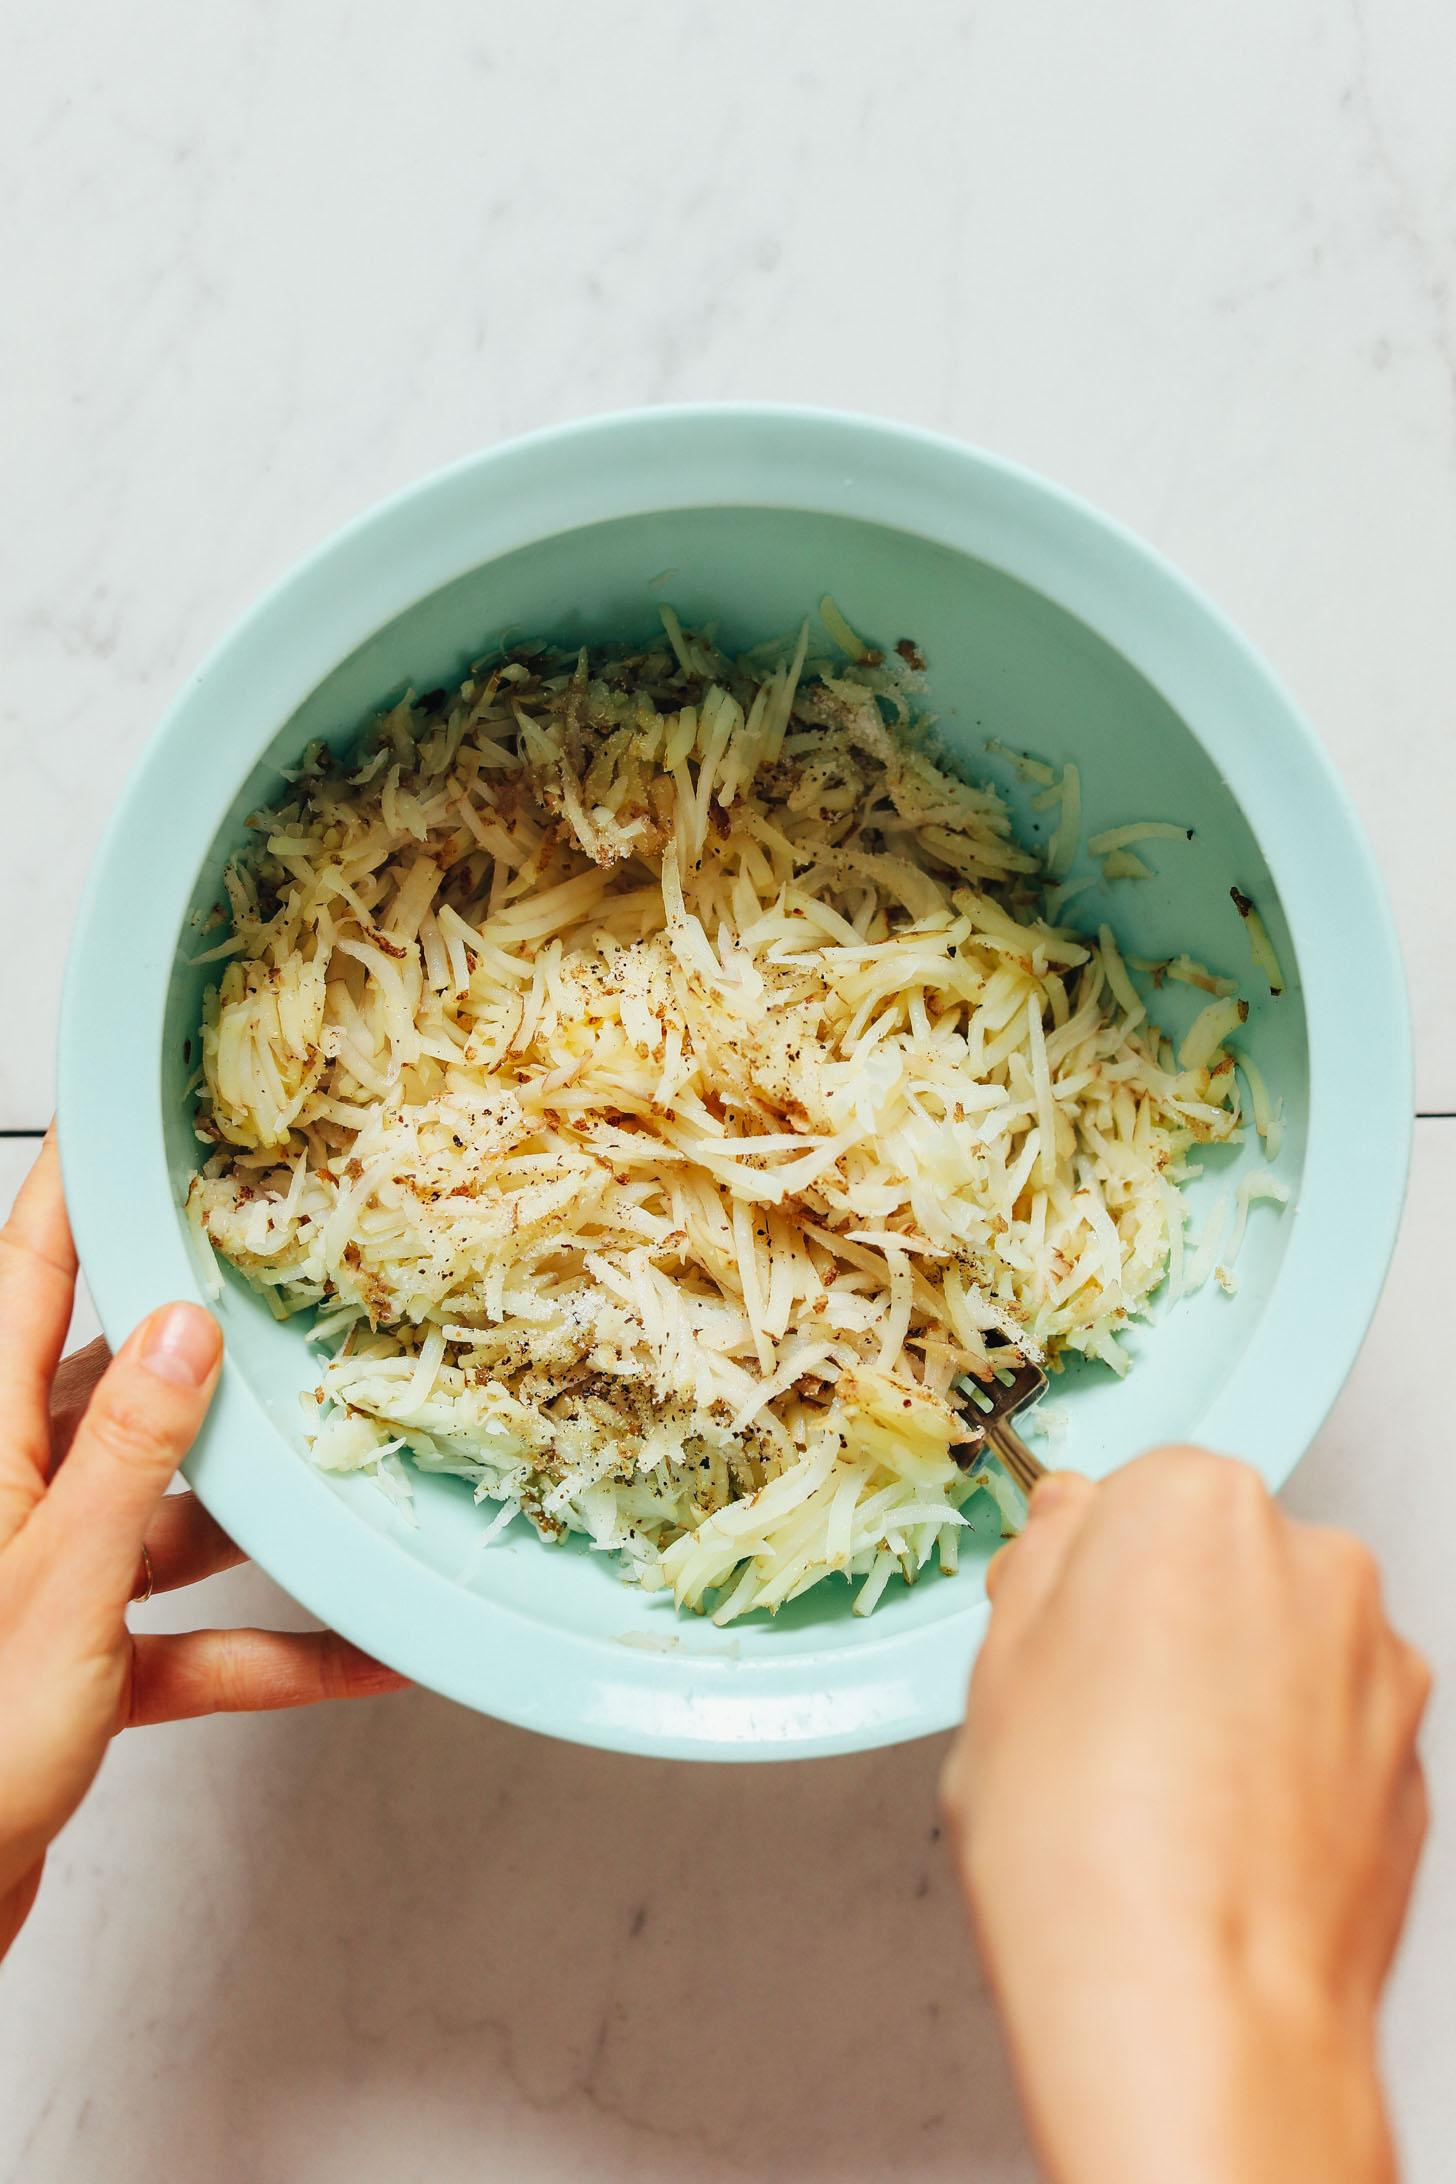 A reszelt burgonyát sóval és borssal kevergetve